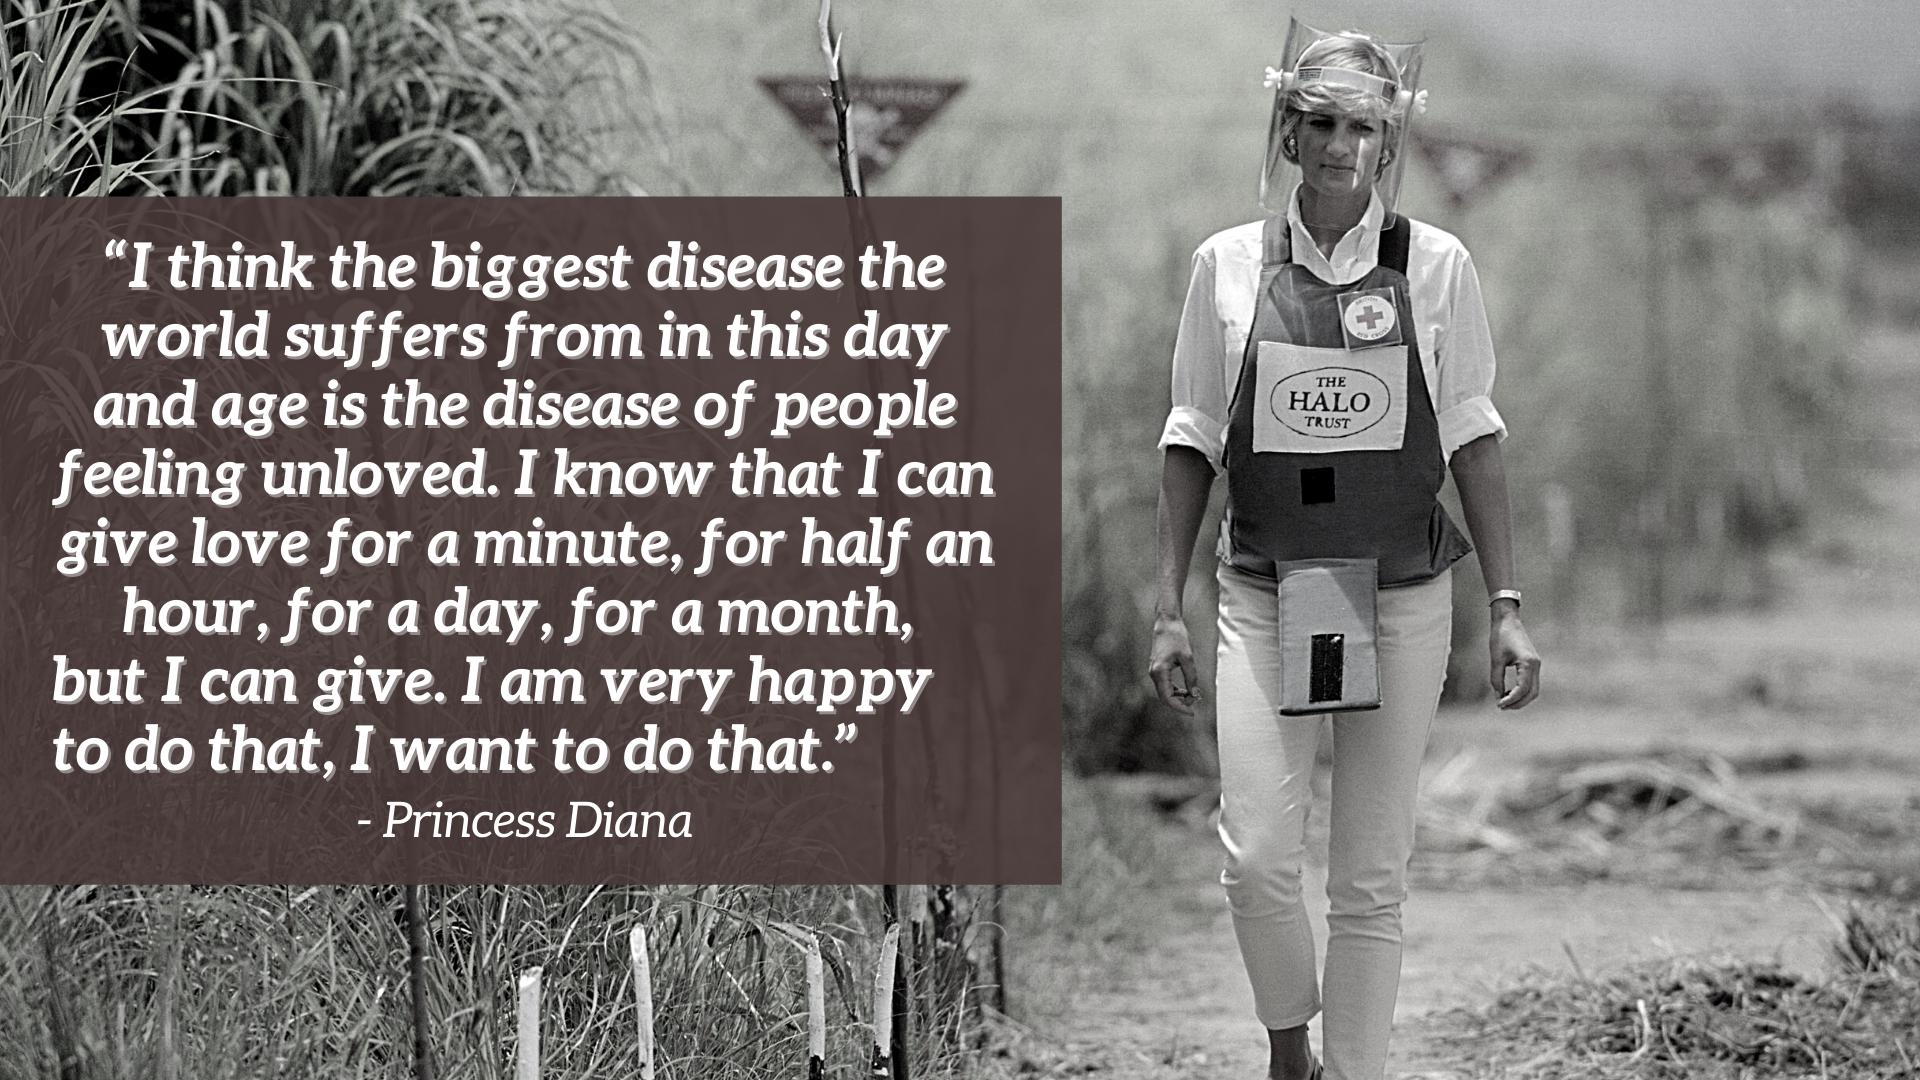 La princesse Diana dans une mine terrestre en Angola - citation